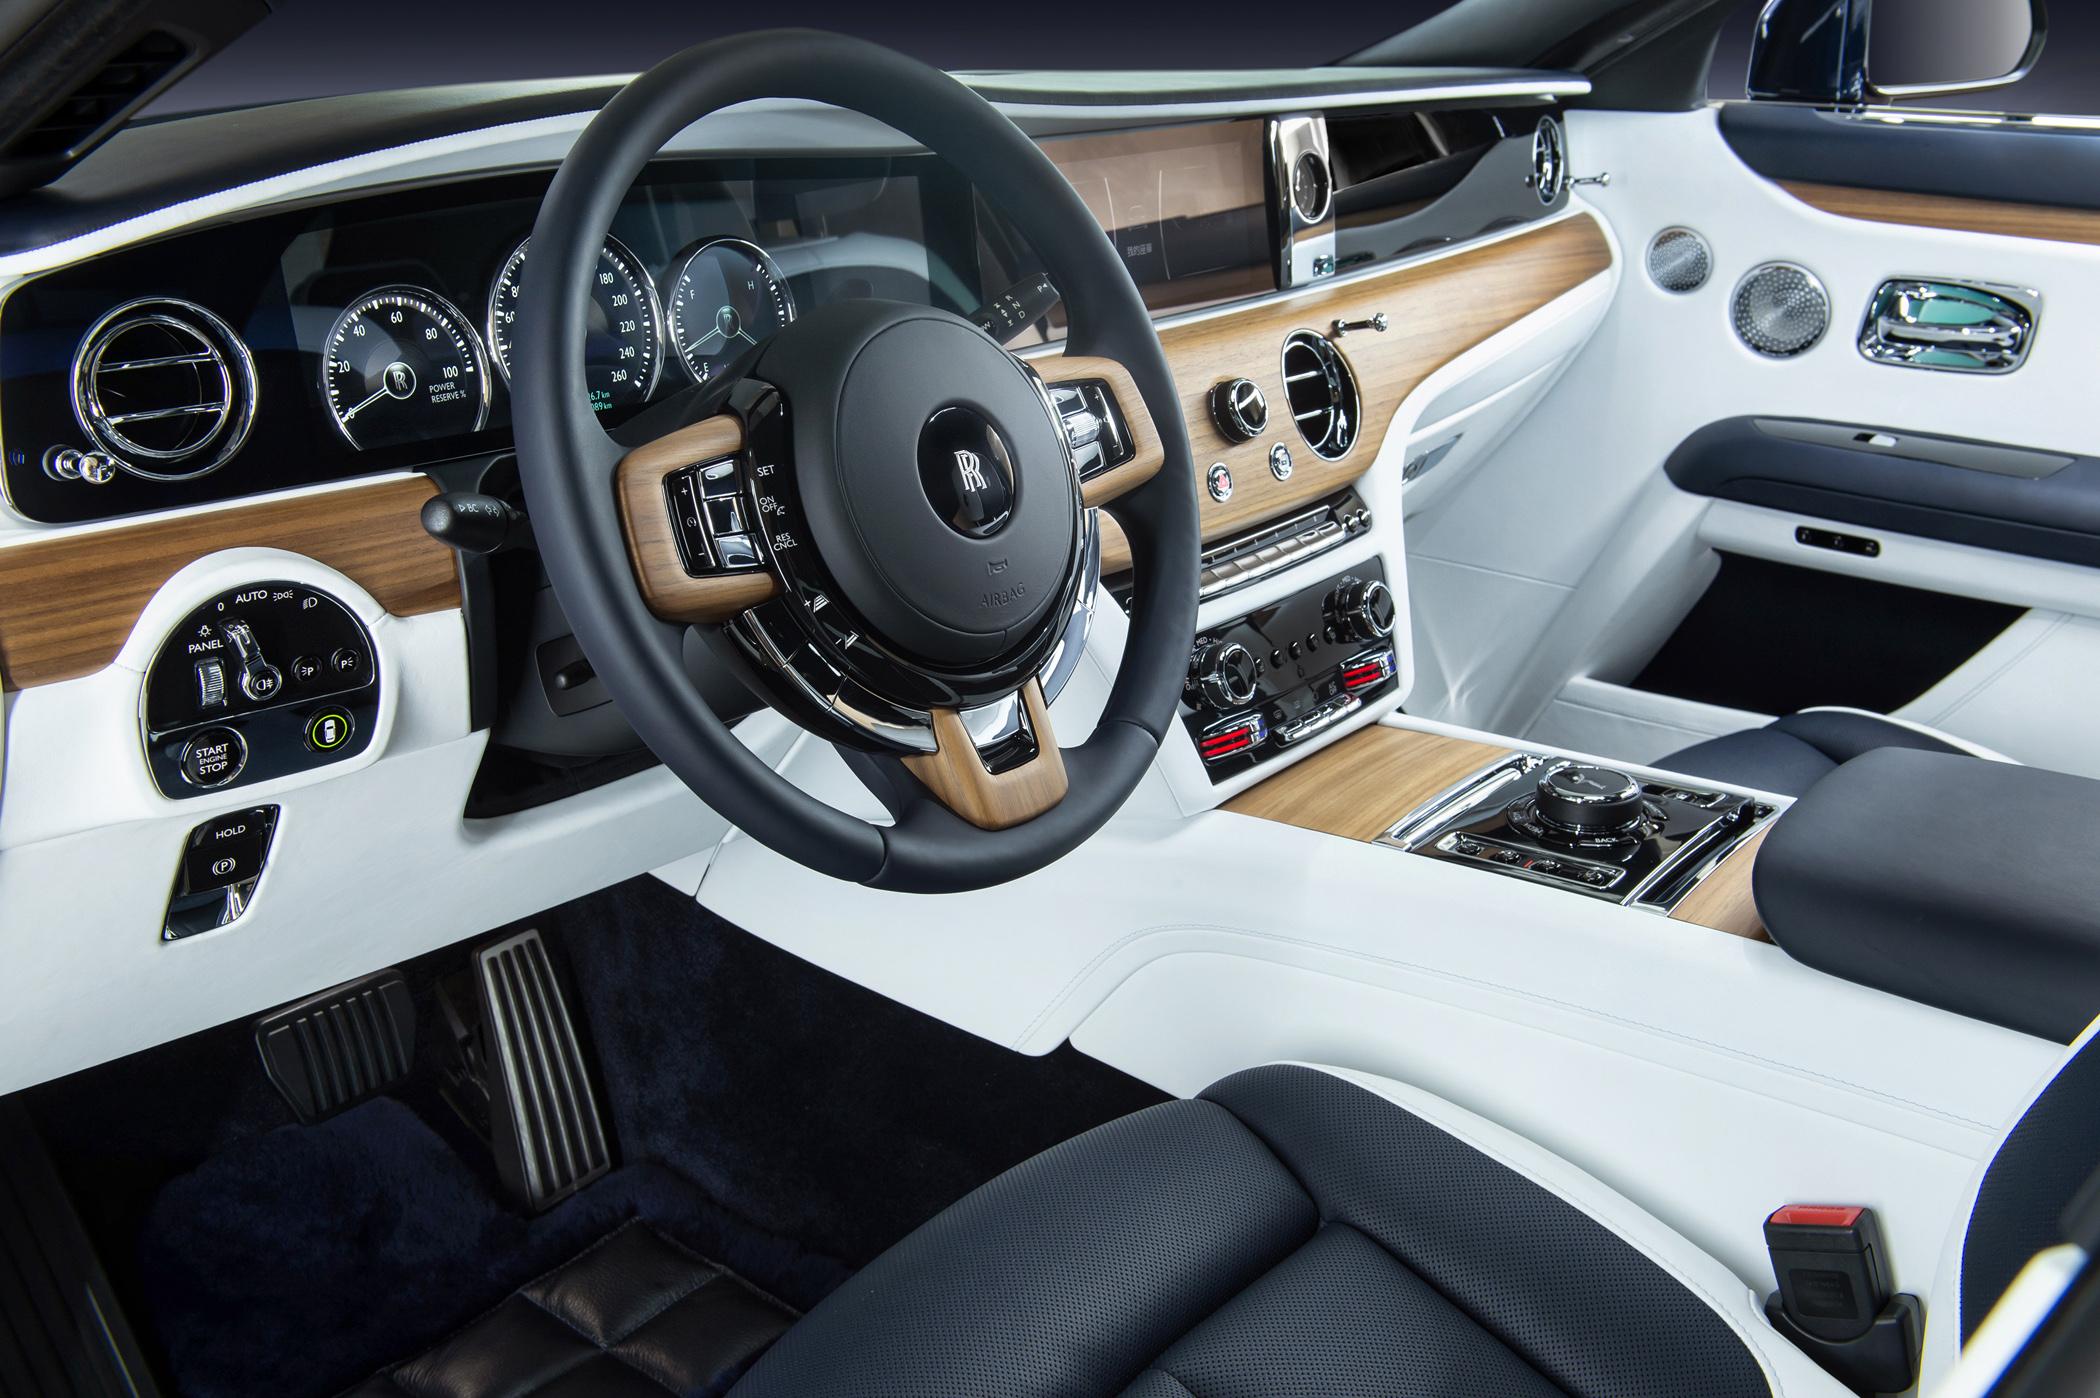 全新內裝設計,層峰客戶可完全打造自我風格的全新Ghost車室氛圍。